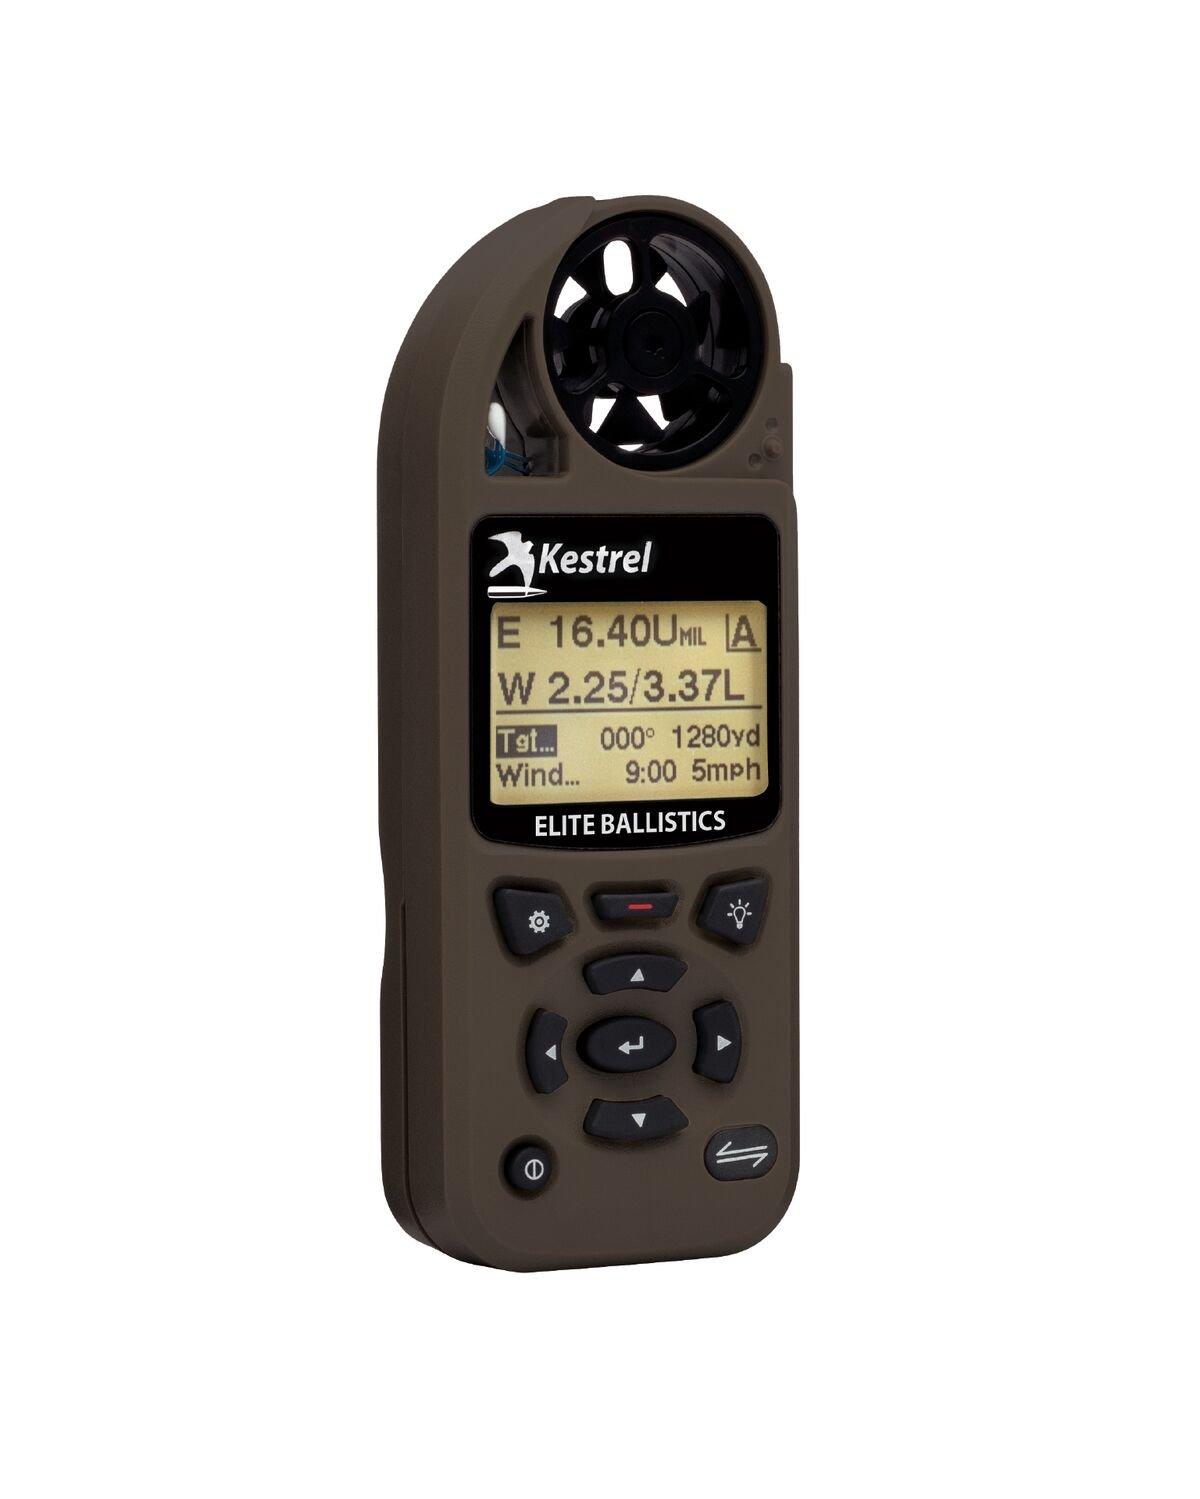 Kestrel 5700 Elite Weather Meter with Applied Ballistics, Flat Dark Earth by Kestrel (Image #2)